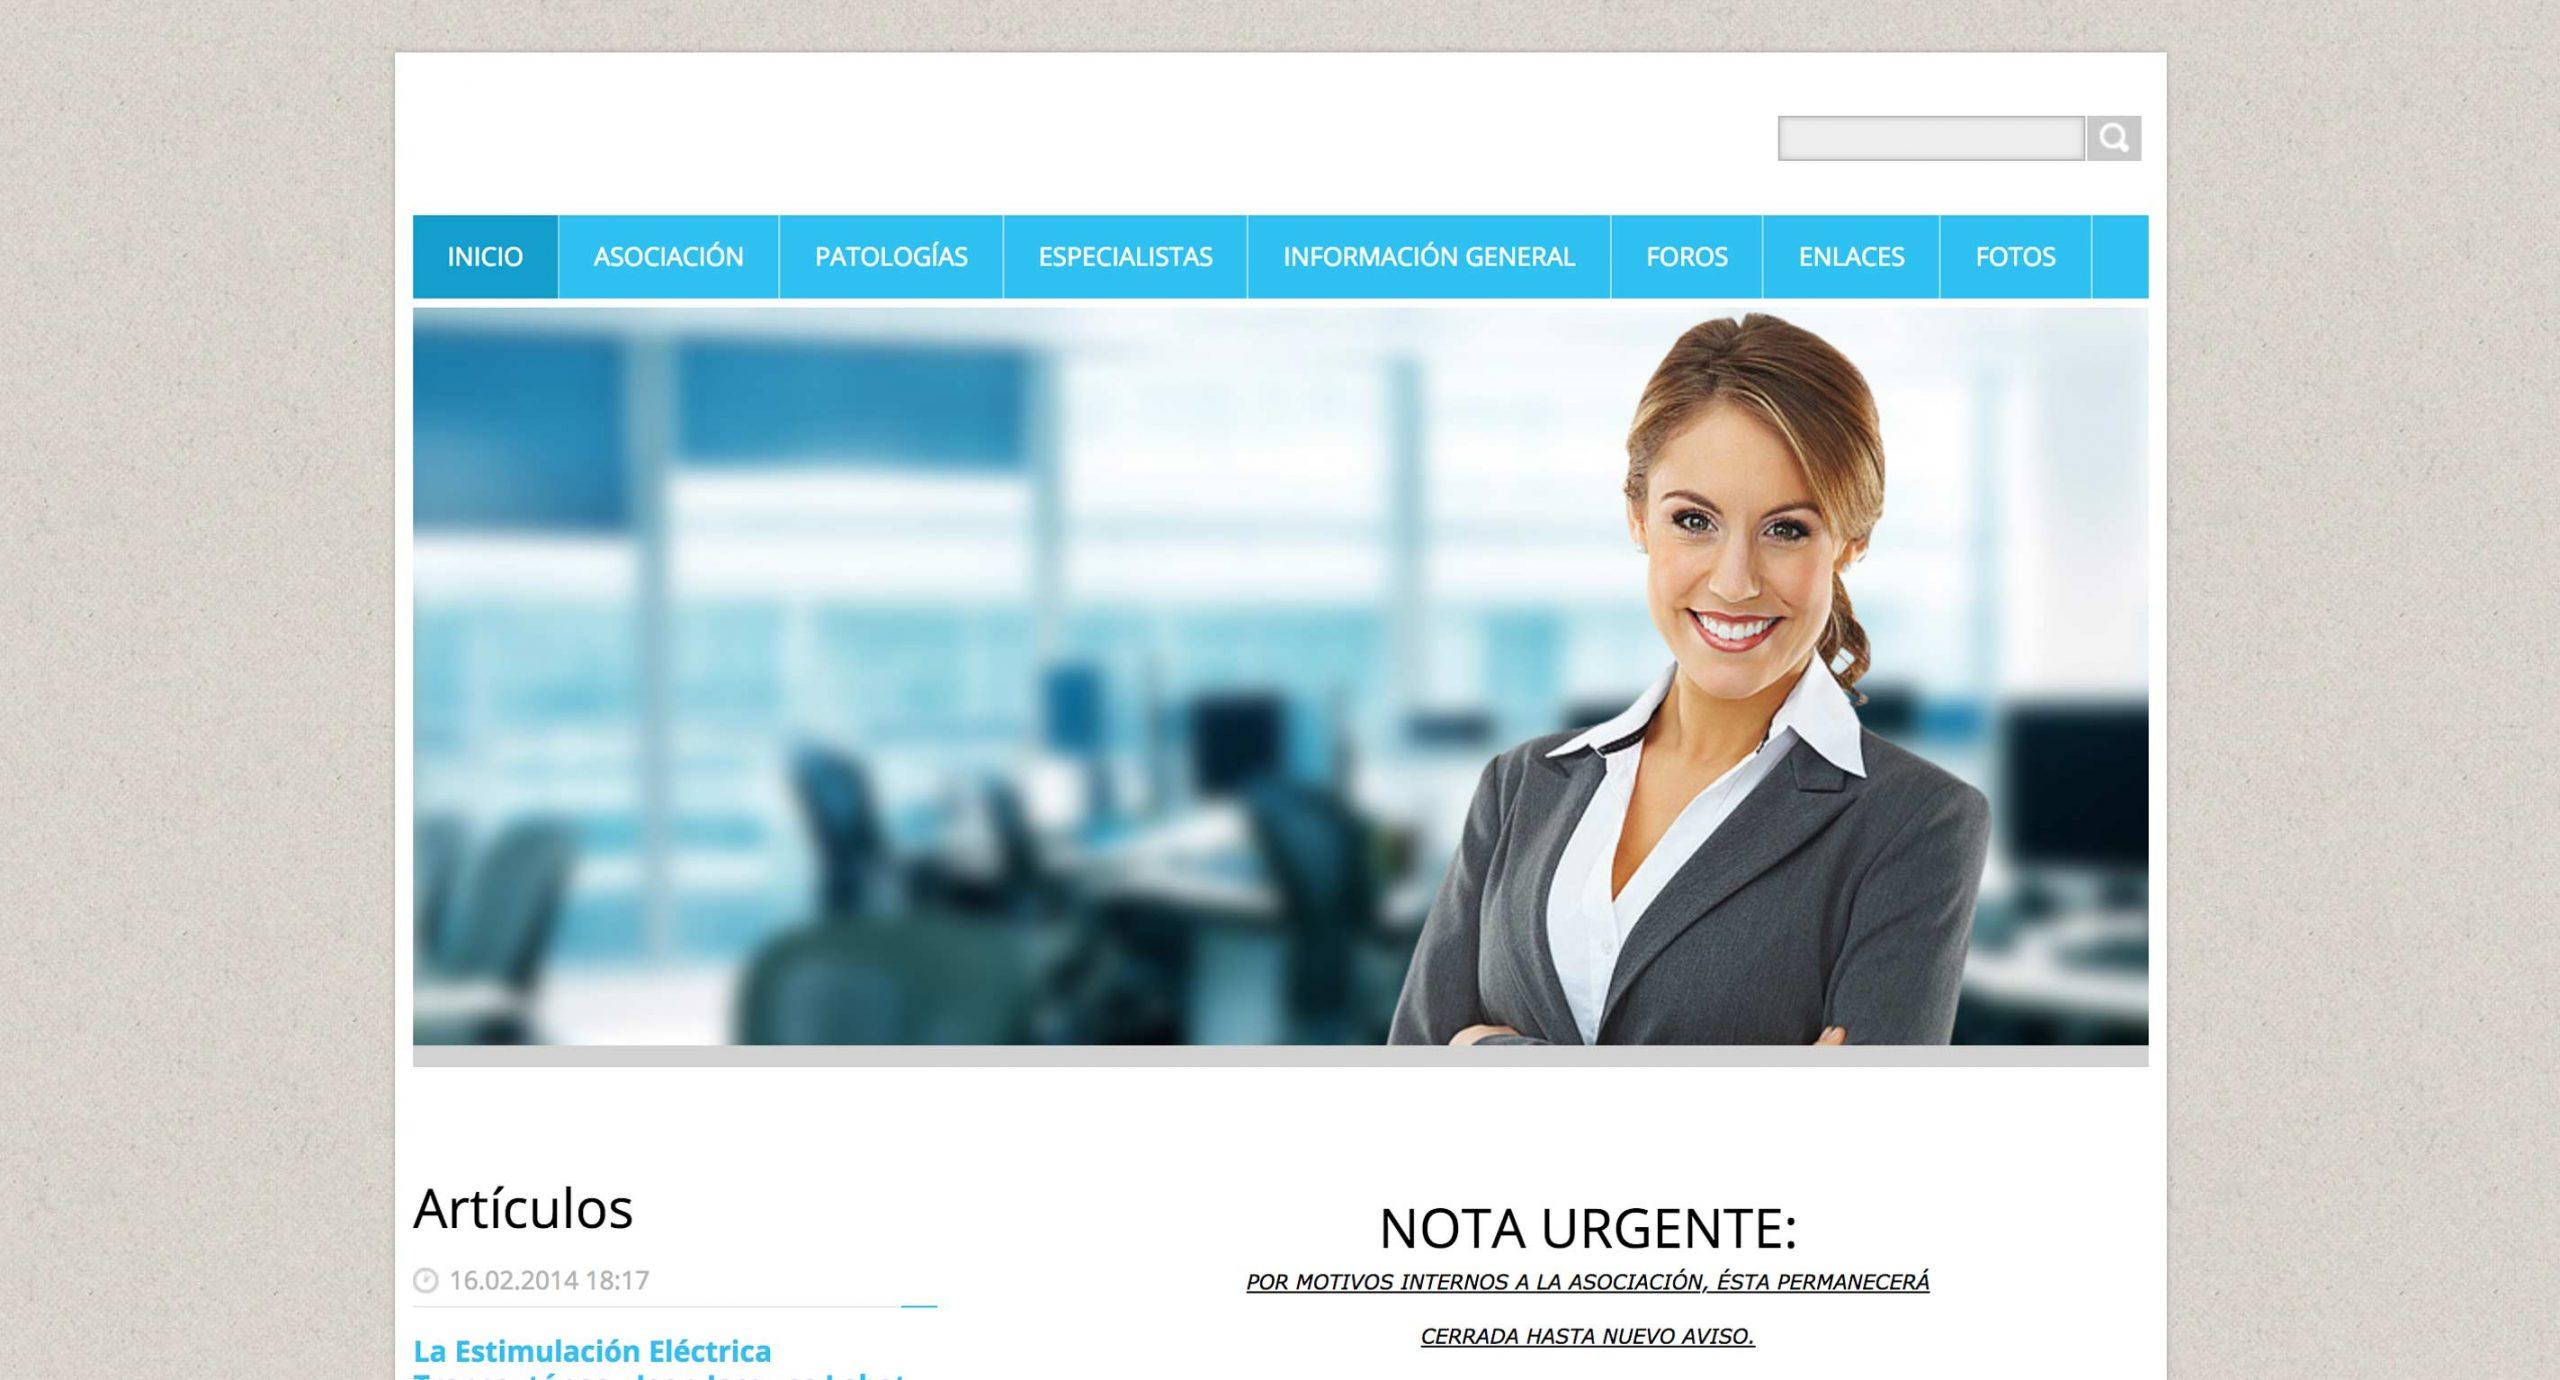 Asociación Española de Algias Perineales y Neuralgias Pudendas - Home Page